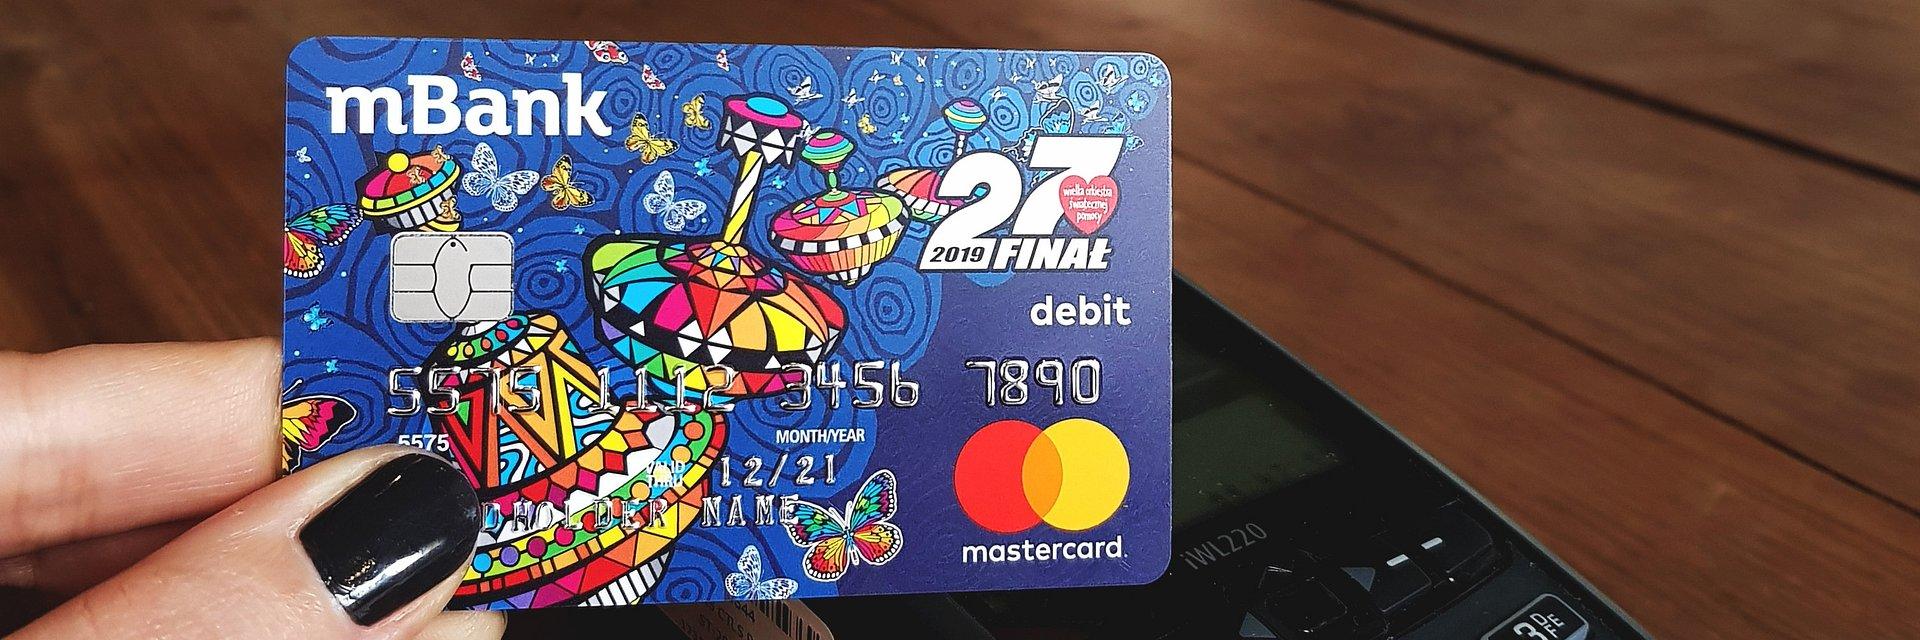 Wspieranie WOŚP jest dziecinnie proste z Mastercard